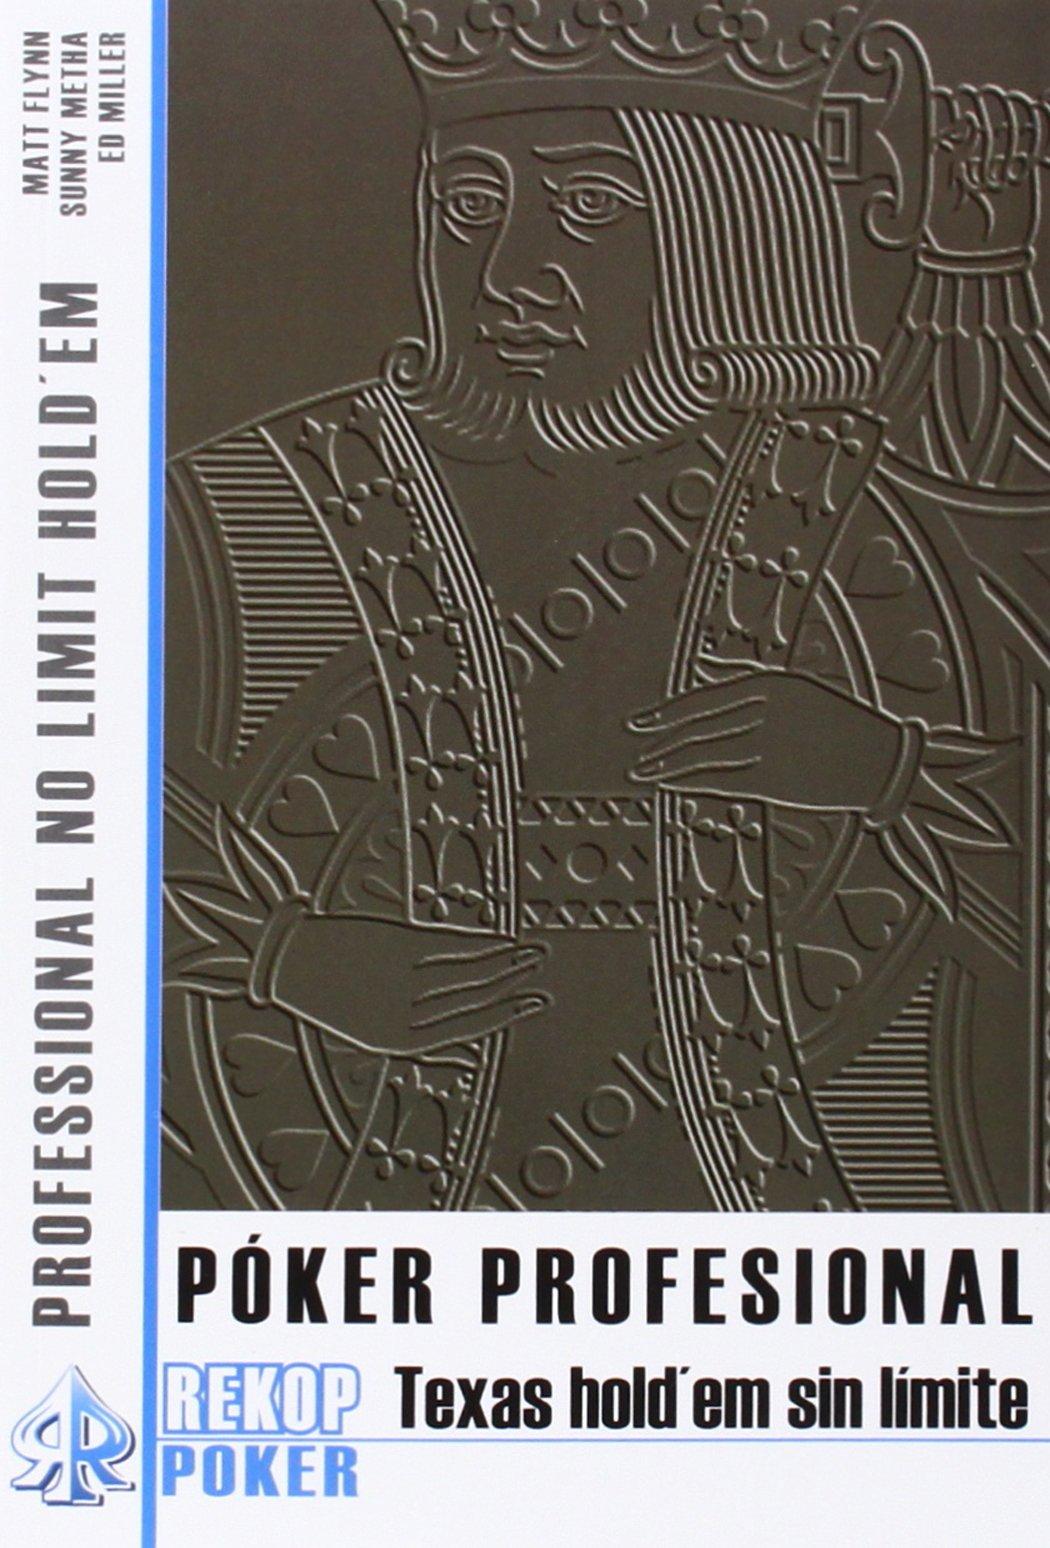 Póker profesional, Texas hold'em sin límite de Matt Flynn, Sunny Metha y Ed Miller